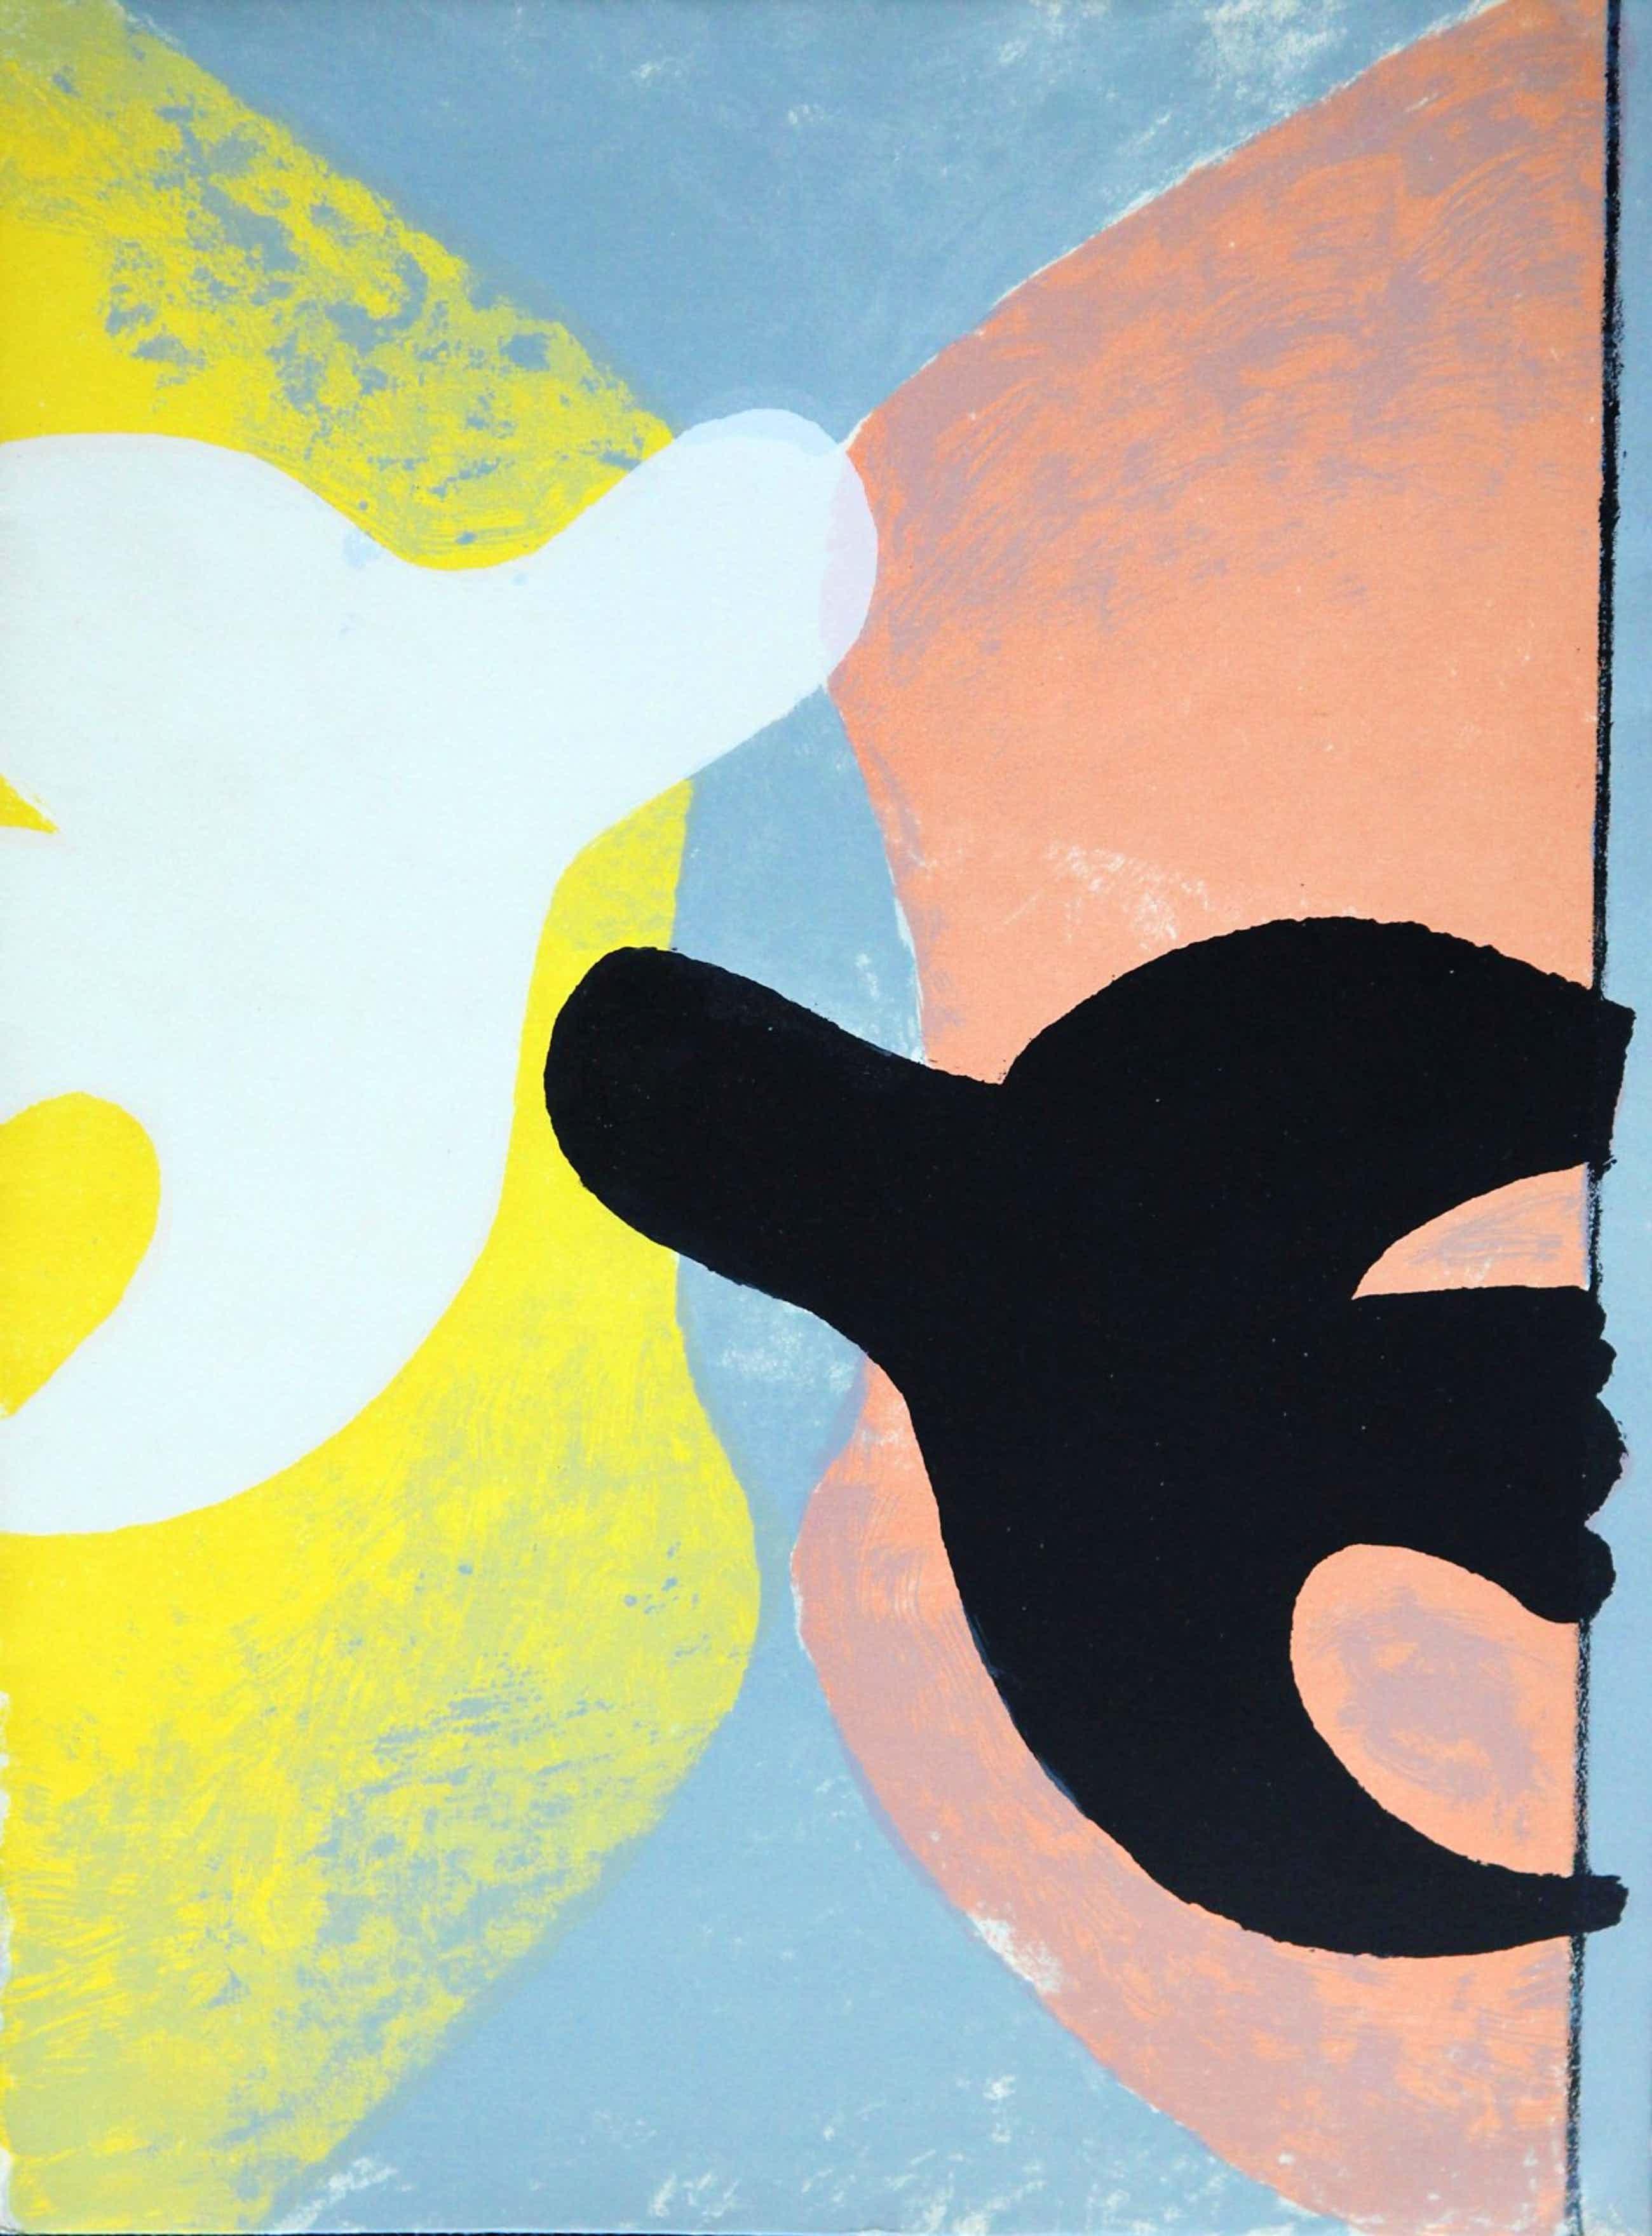 Georges Braque - Résurrection de l'oiseau, 4 Lithos kopen? Bied vanaf 1500!